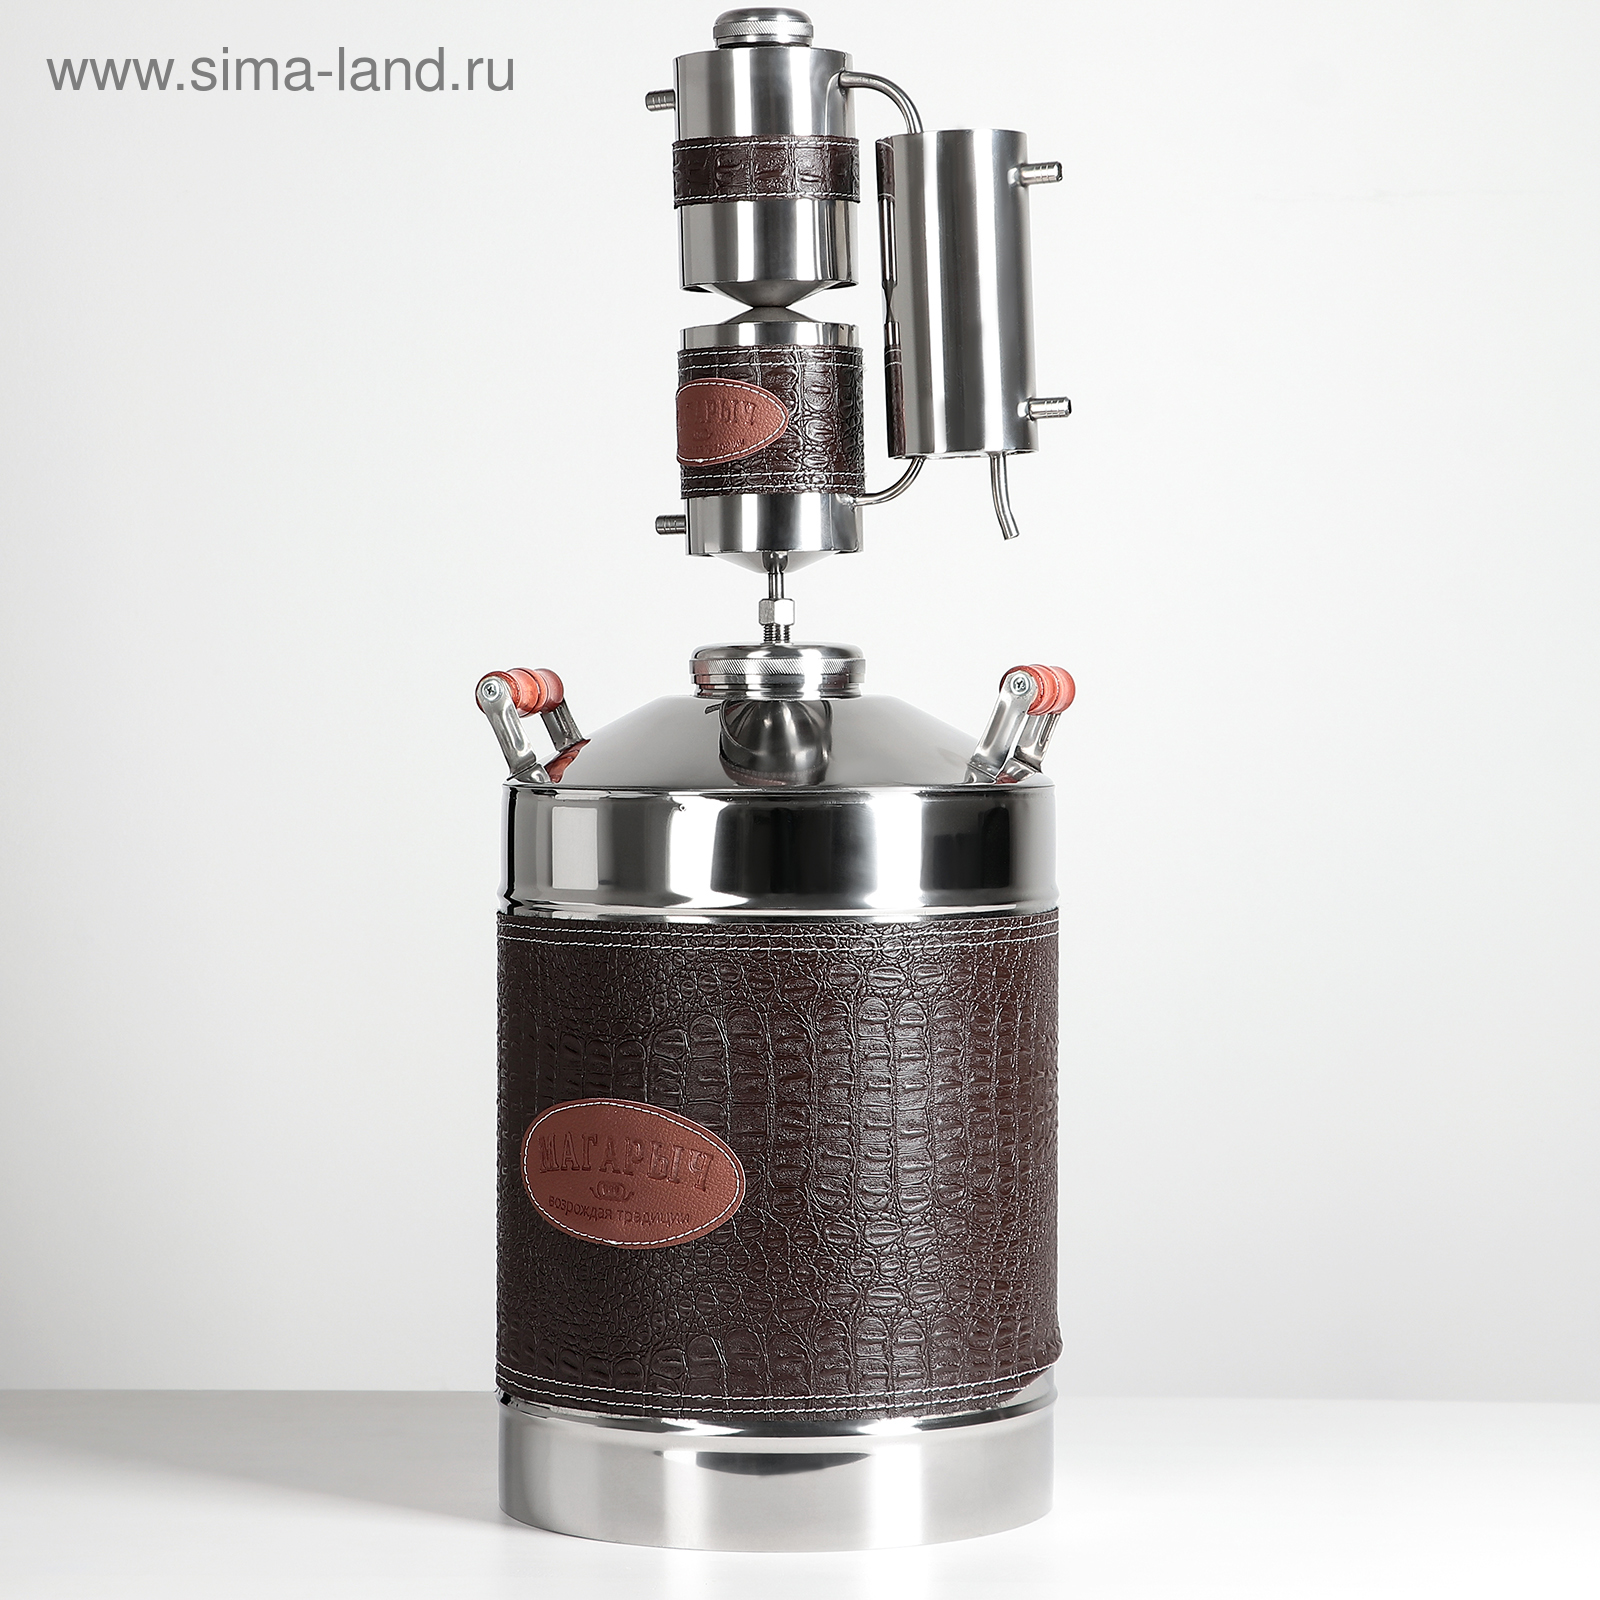 Самогонный аппарат магарыч 20л машковского бкдр видео работа самогонного аппарата магарыч